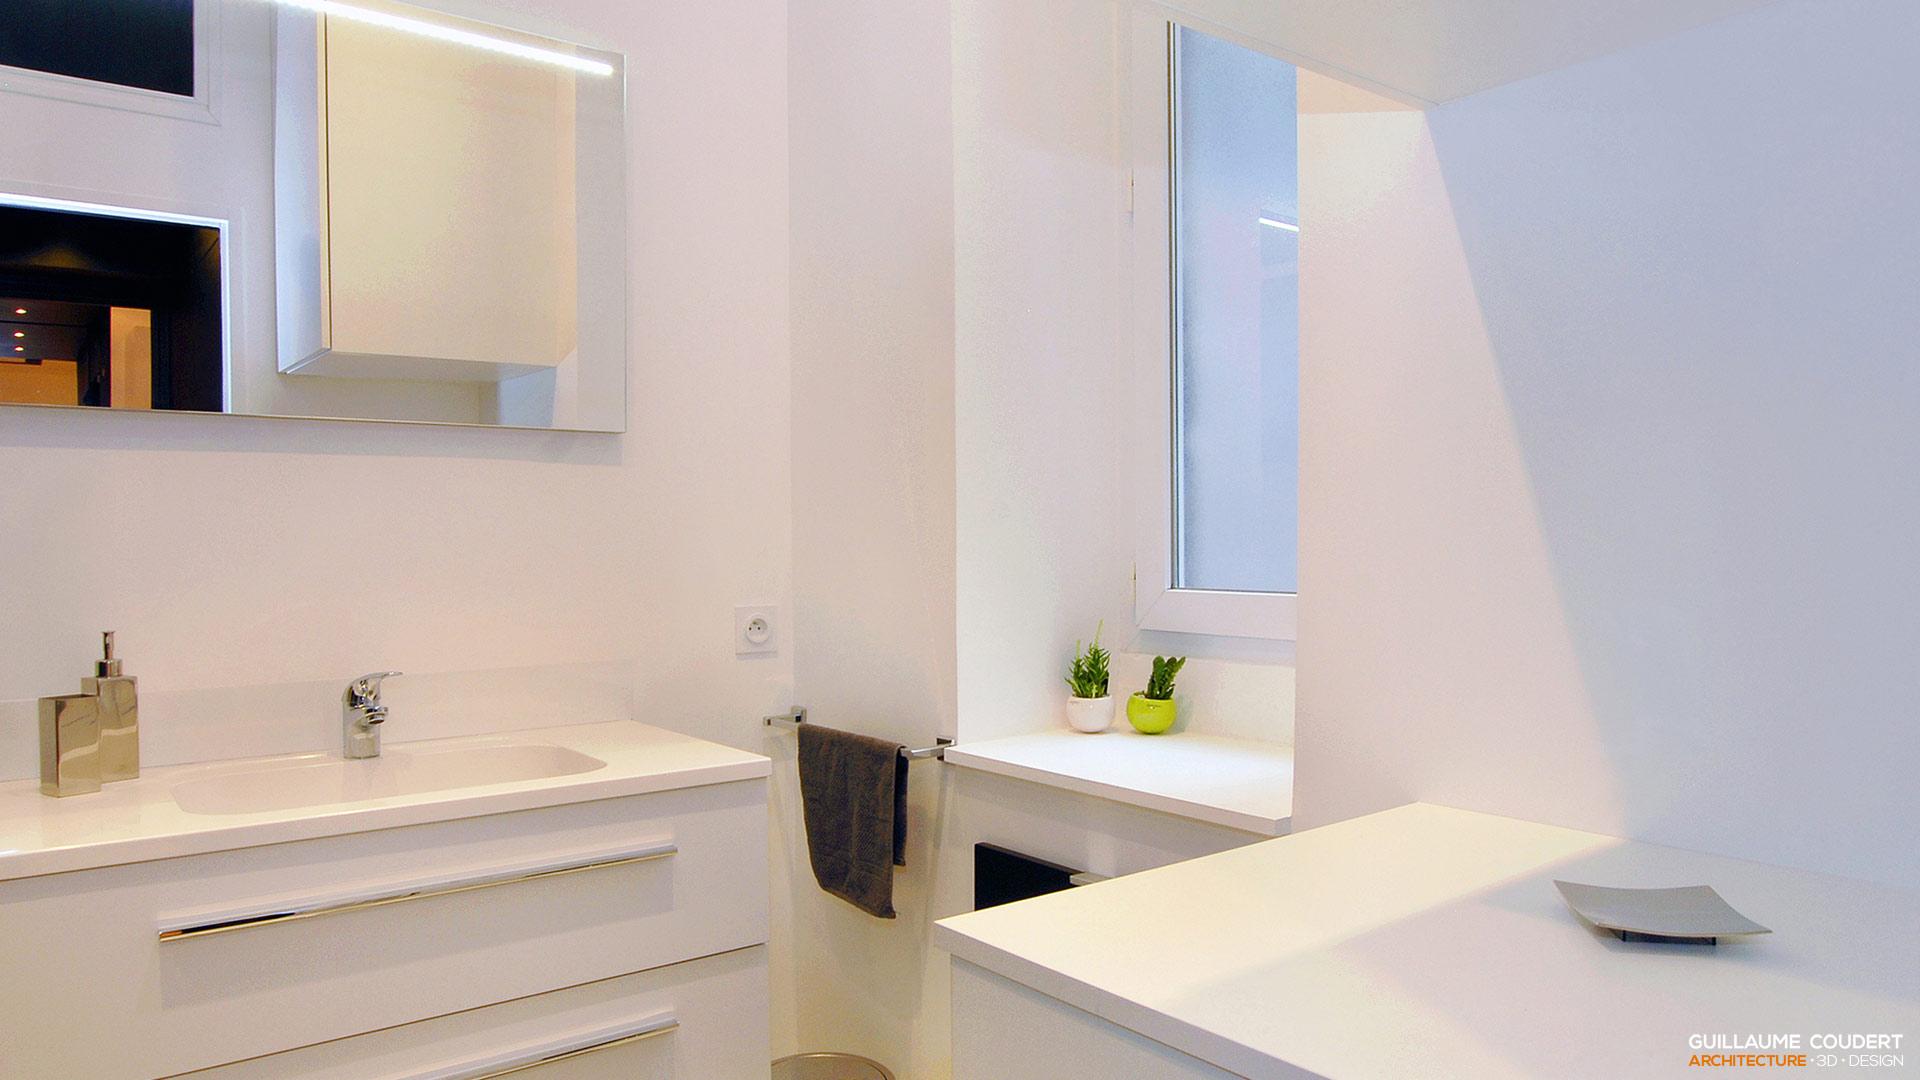 Appartement su03 lyon 69002 guillaume coudert for Budget salle de bain